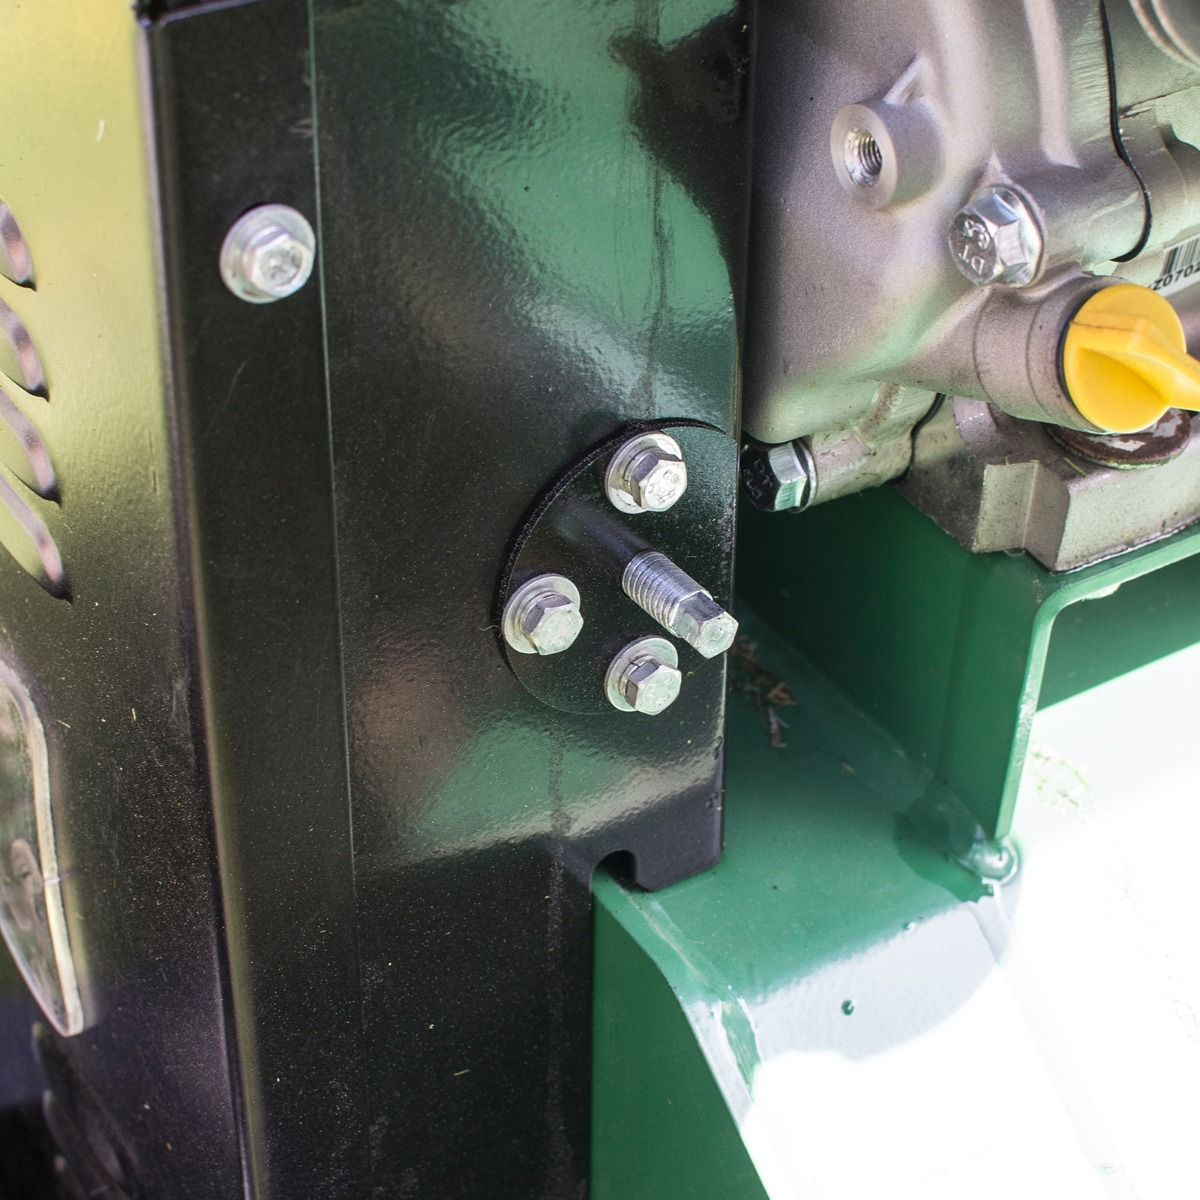 Kellfri klepelmaaier benzine aangedreven